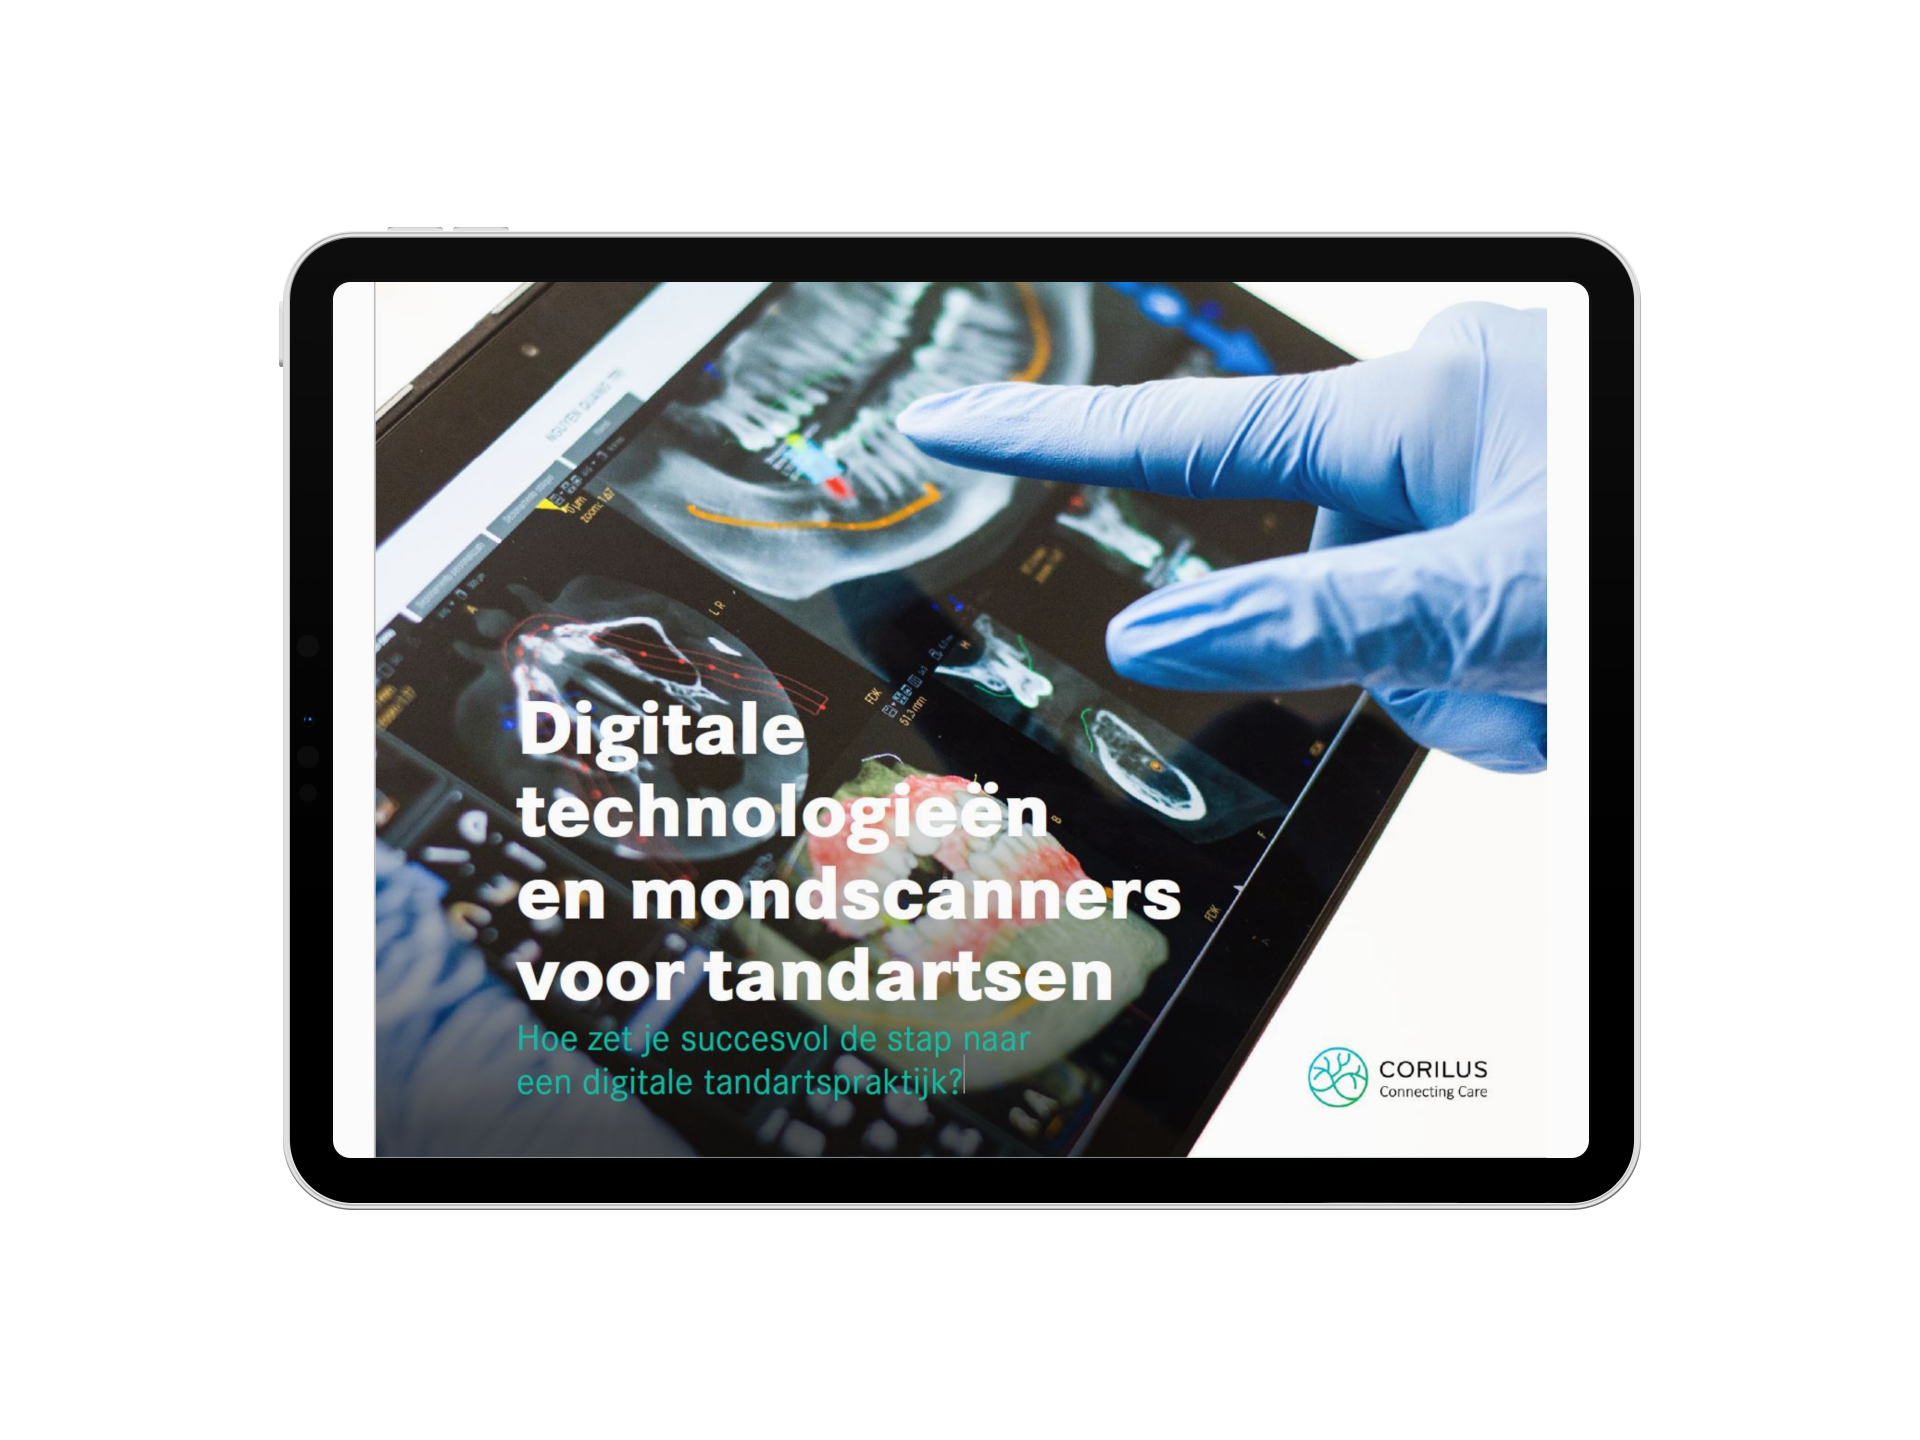 digitale_technologieën_mondscanners_tandartsen-3